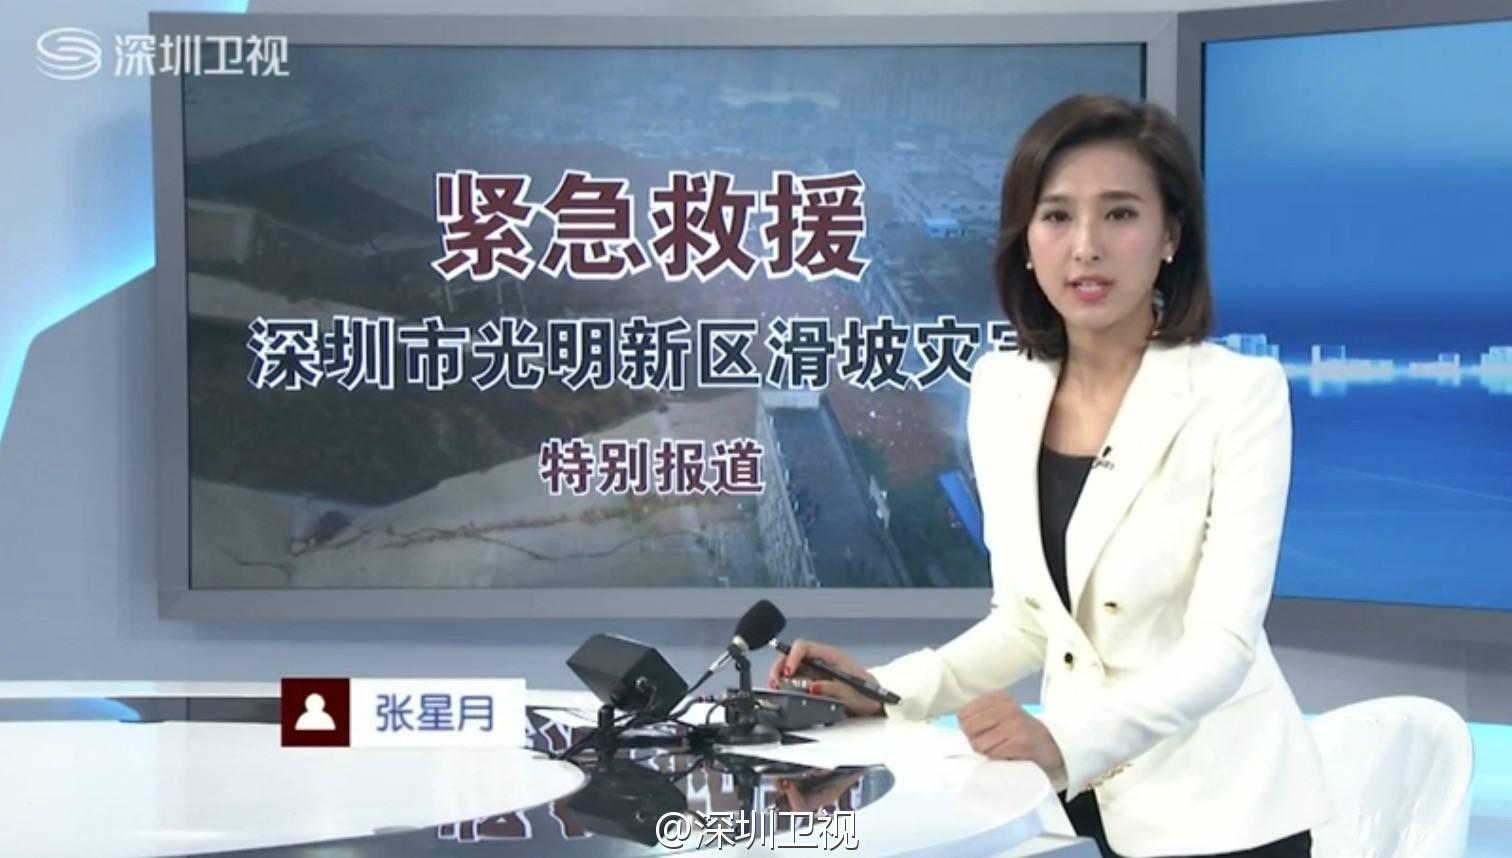 2017年6月5日电视台收视率排行榜,深圳卫视收视率第十